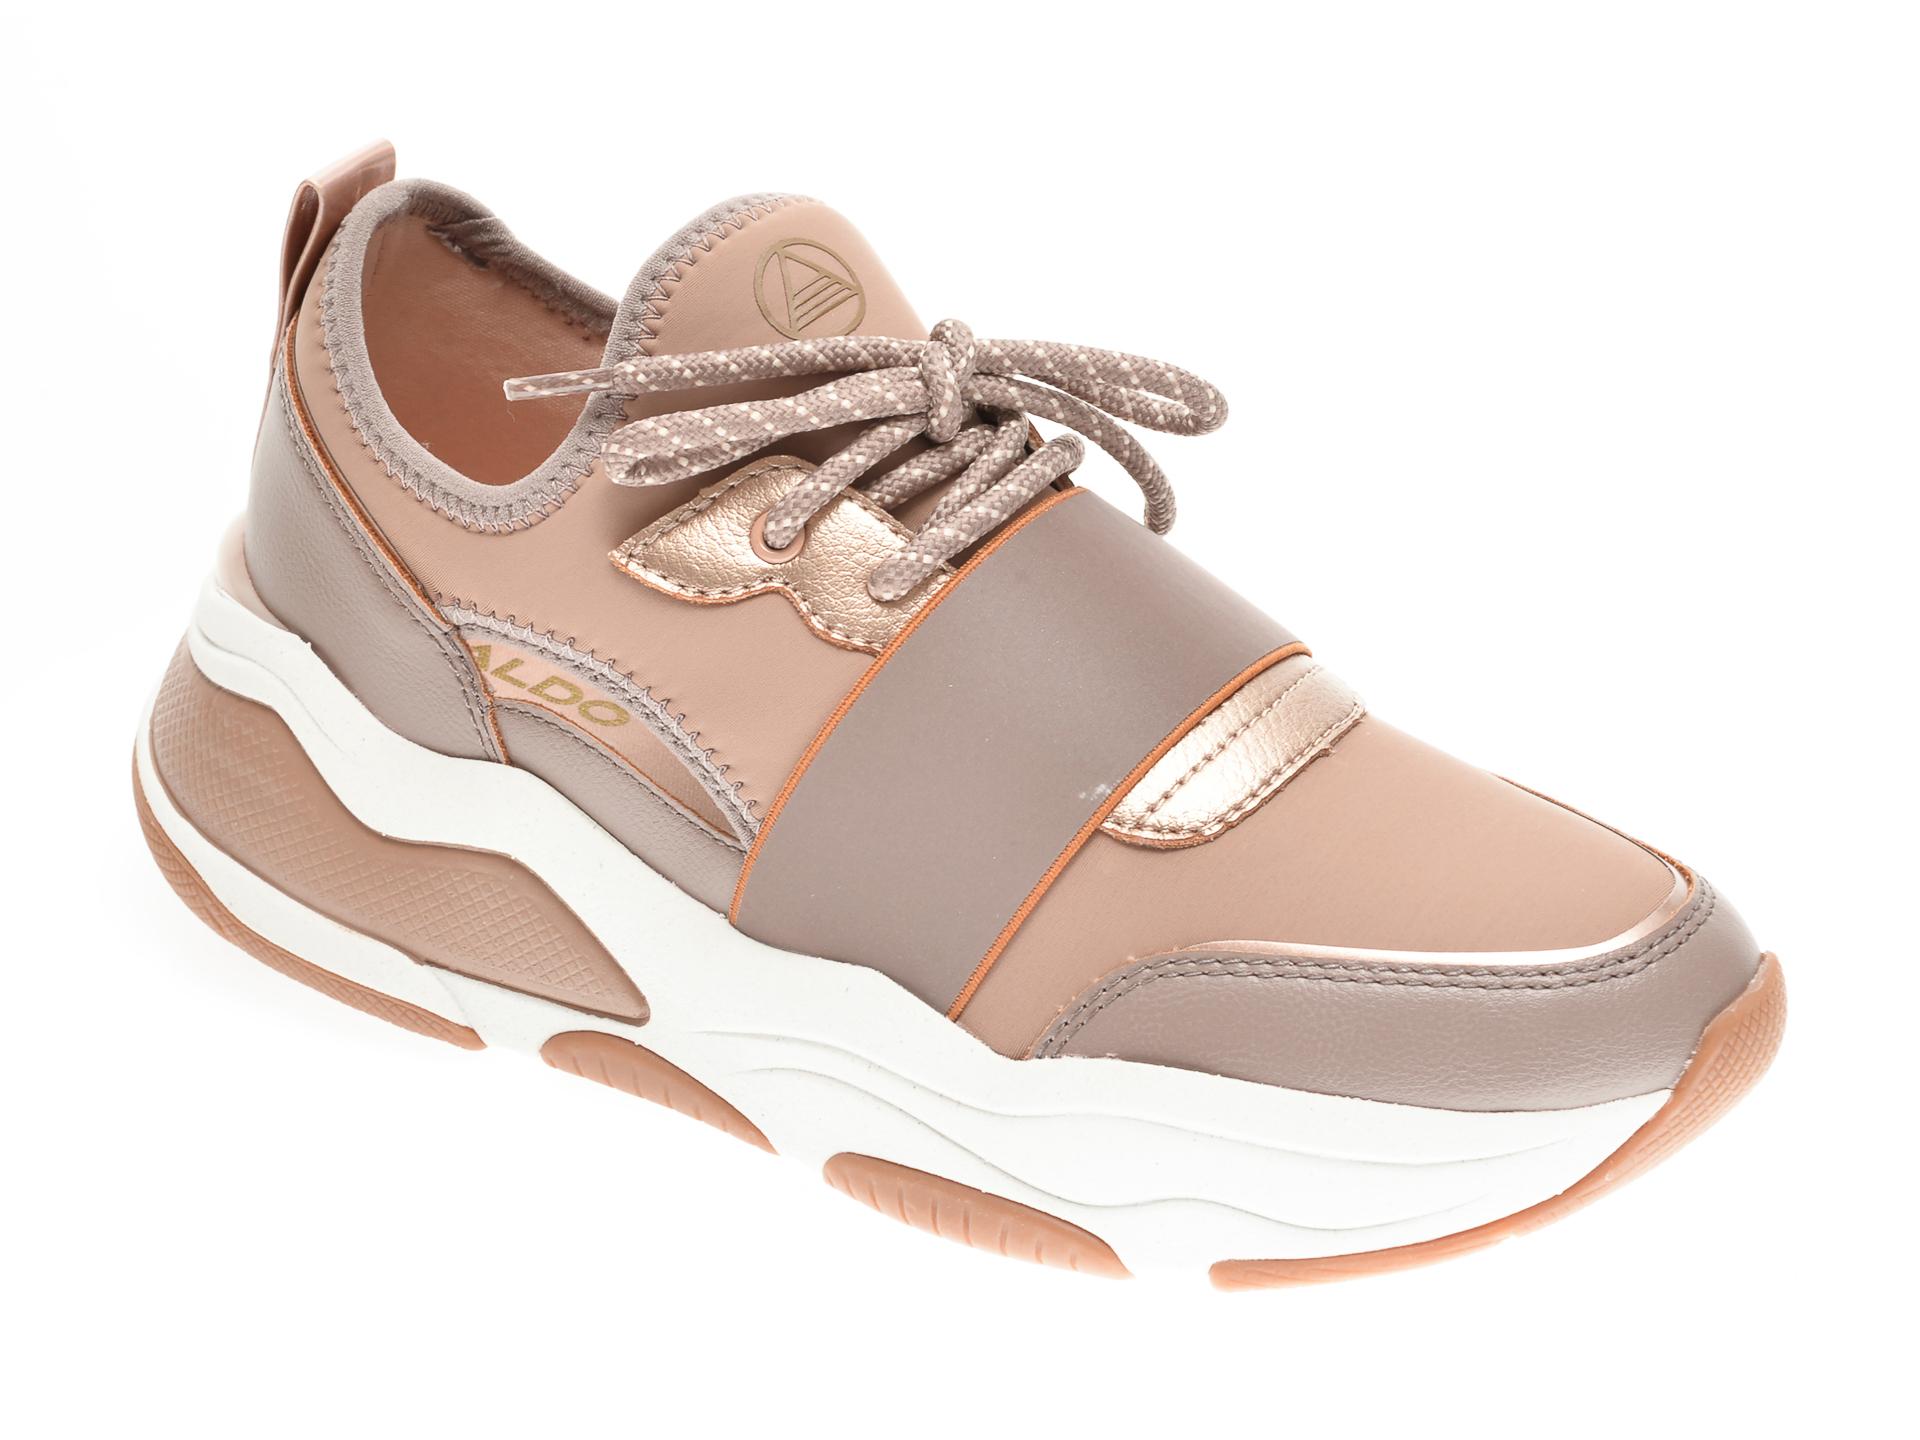 Pantofi sport ALDO nude, Rev270, din material textil si piele ecologica imagine